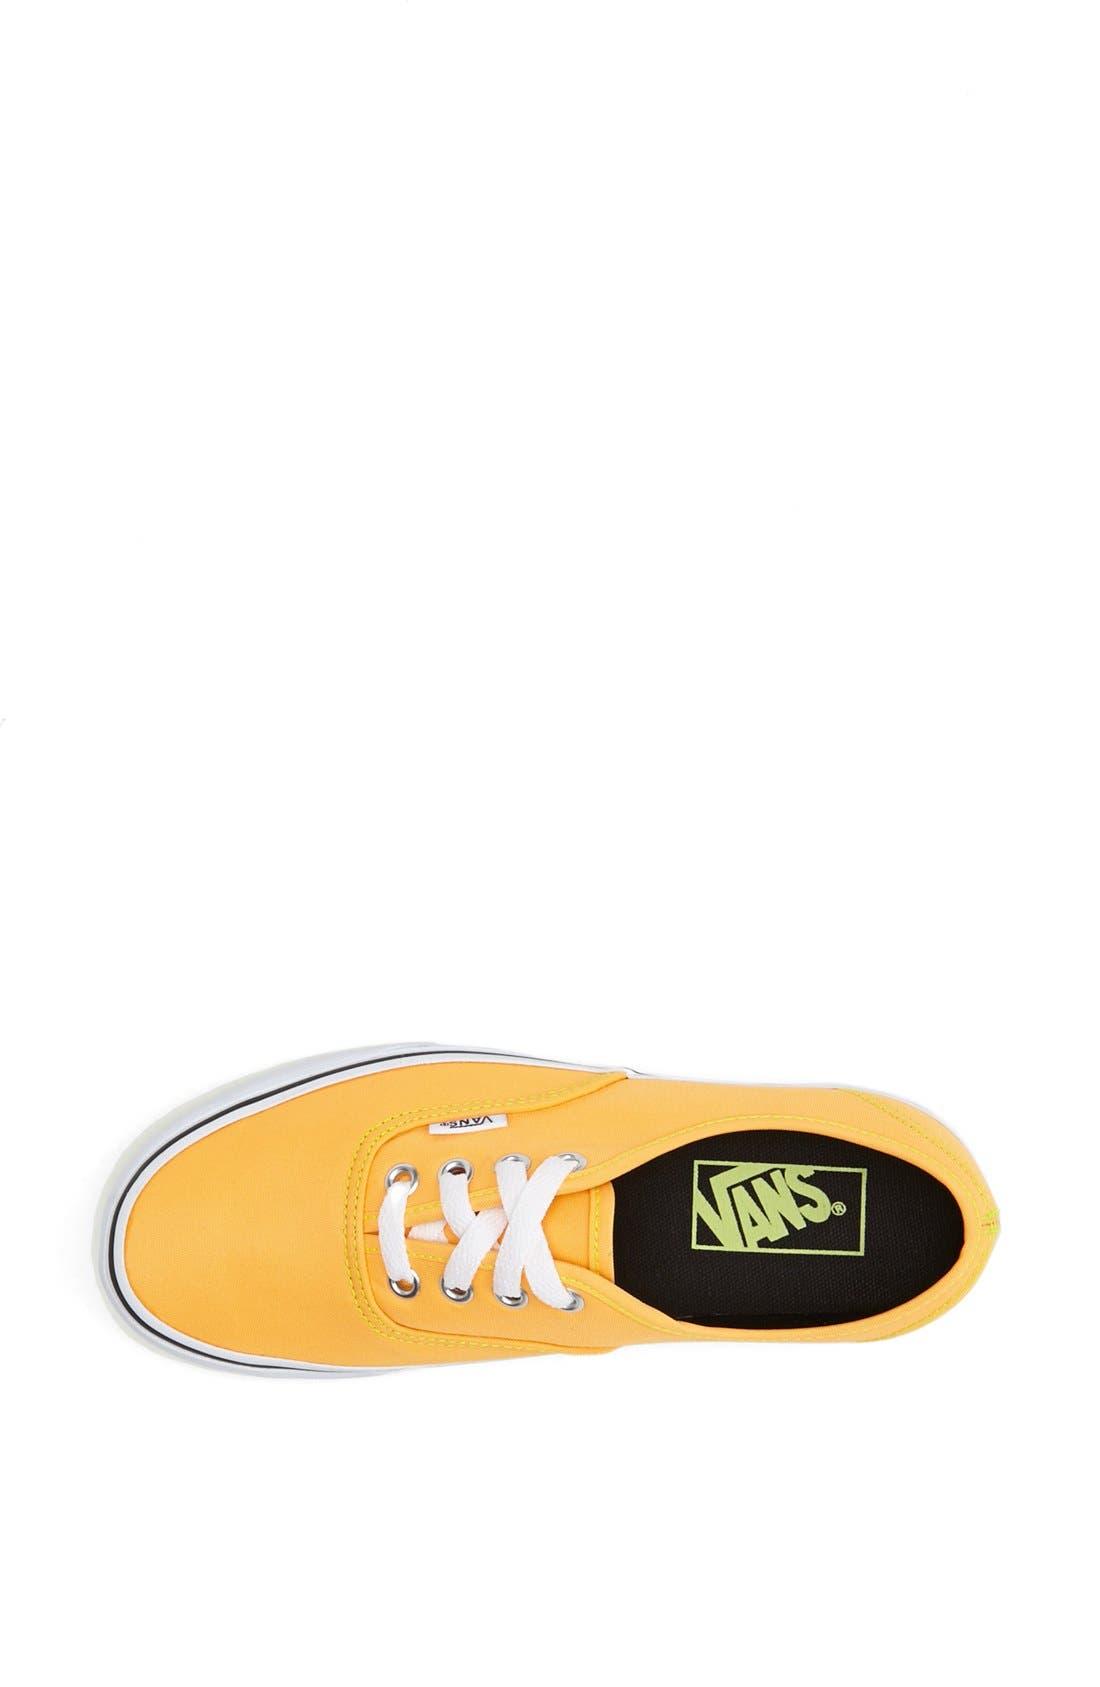 Alternate Image 3  - Vans 'Authentic' Neon Sneaker (Women)